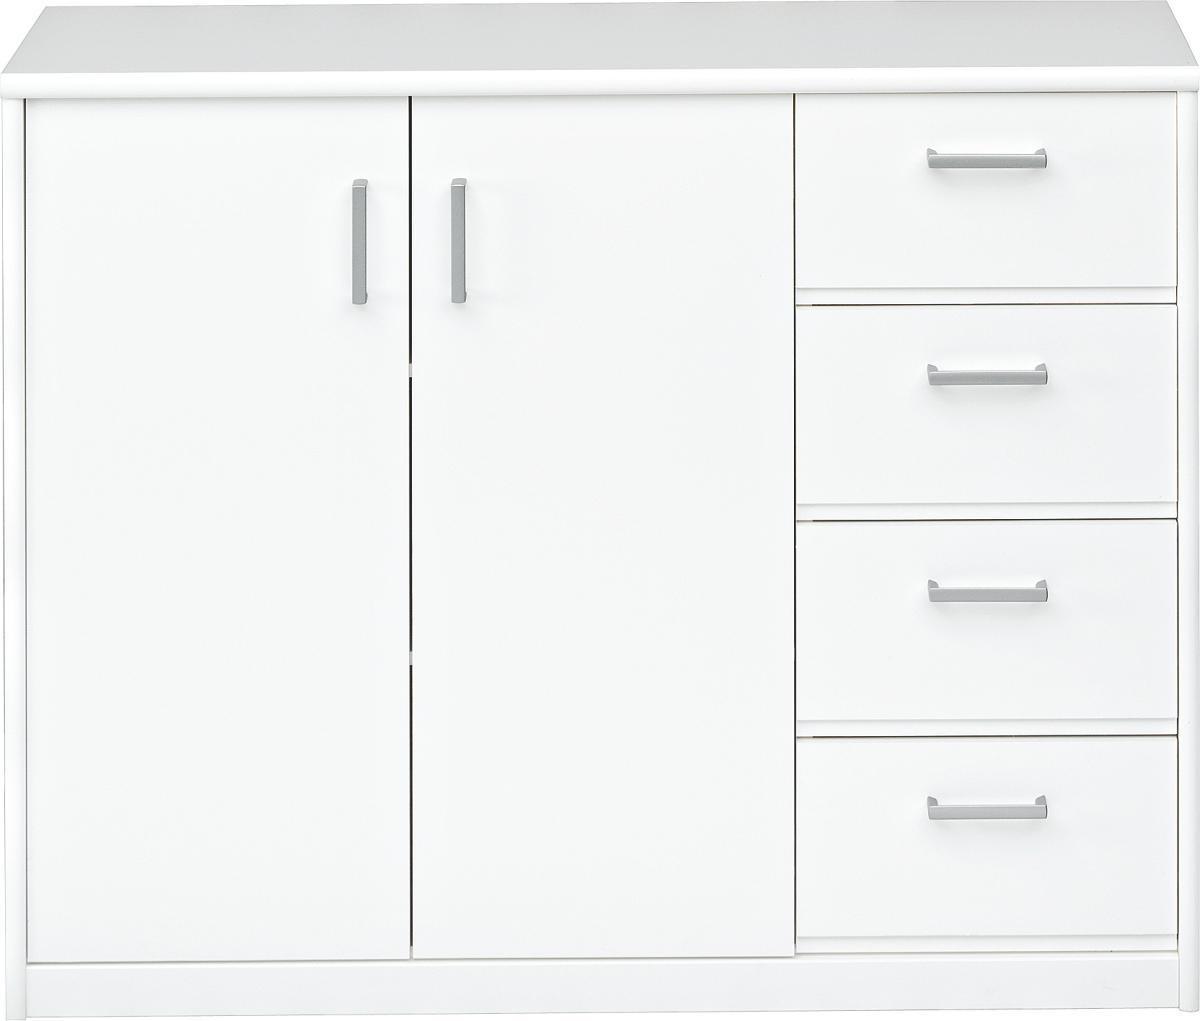 KOMMODE in Weiß - Silberfarben/Weiß, KONVENTIONELL, Holzwerkstoff/Kunststoff (106/84/36cm) - CS SCHMAL